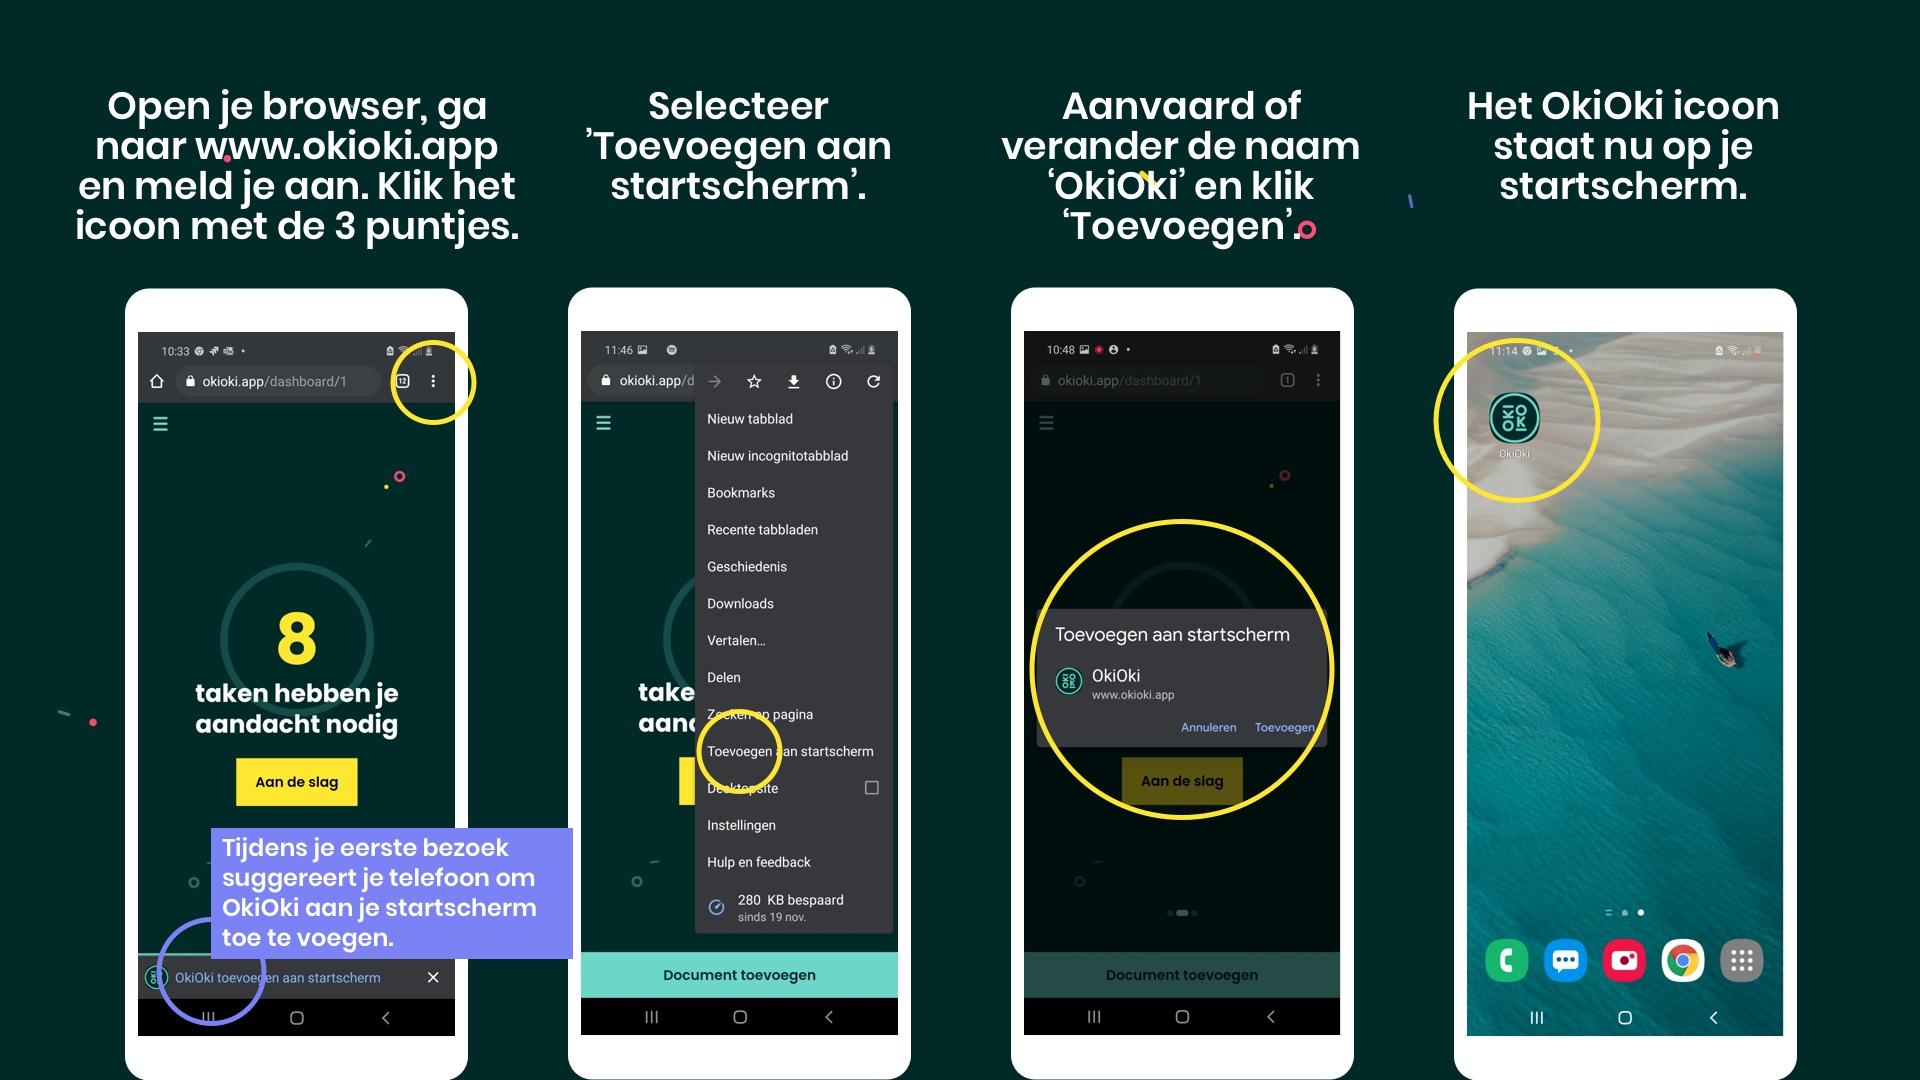 Hoe de OkiOki app aan het startscherm van je Android toestel toevoegen